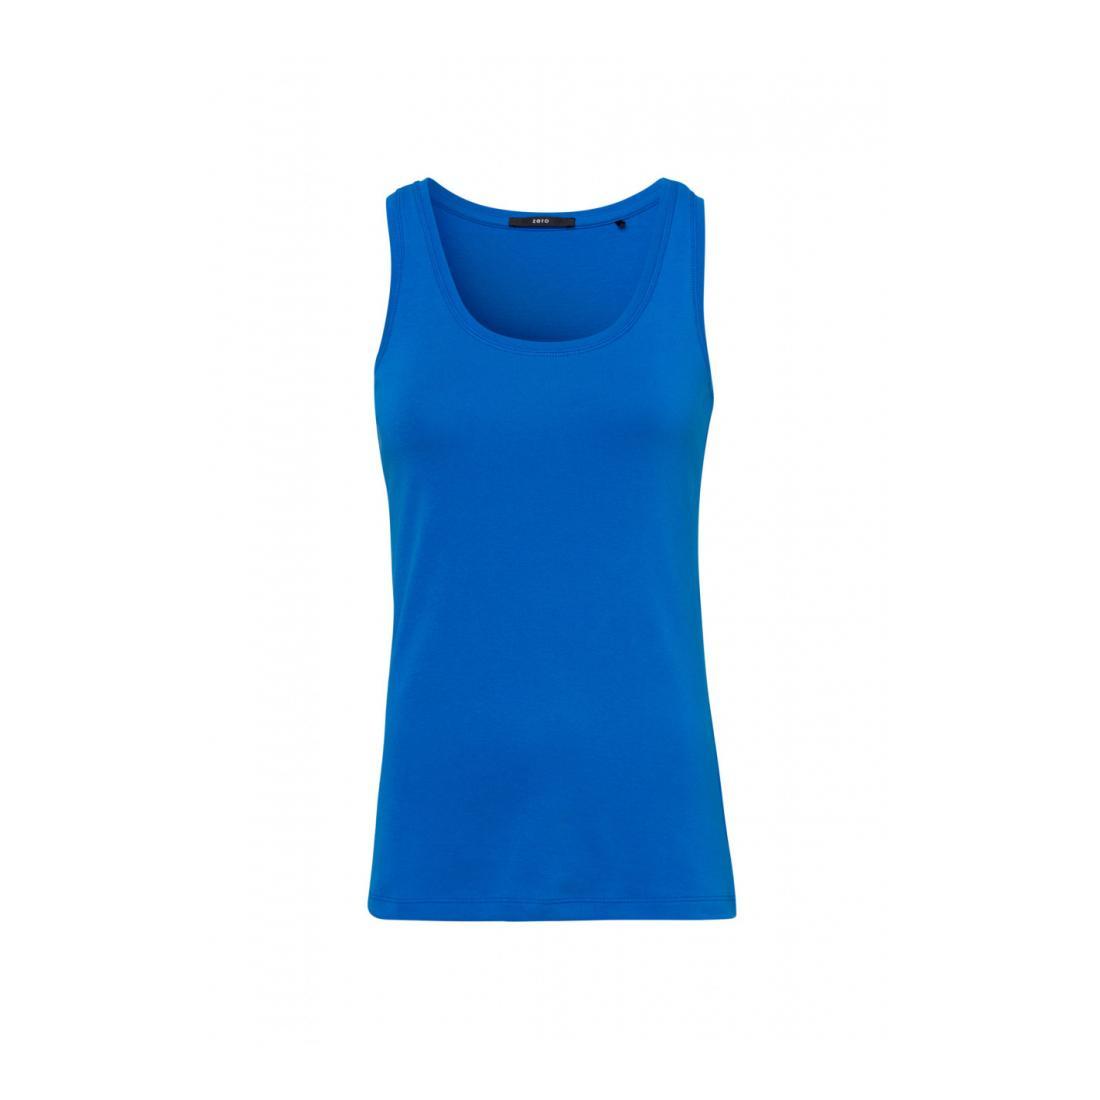 Zero Tops Damen T-Shirt top 1x1 rib pipin